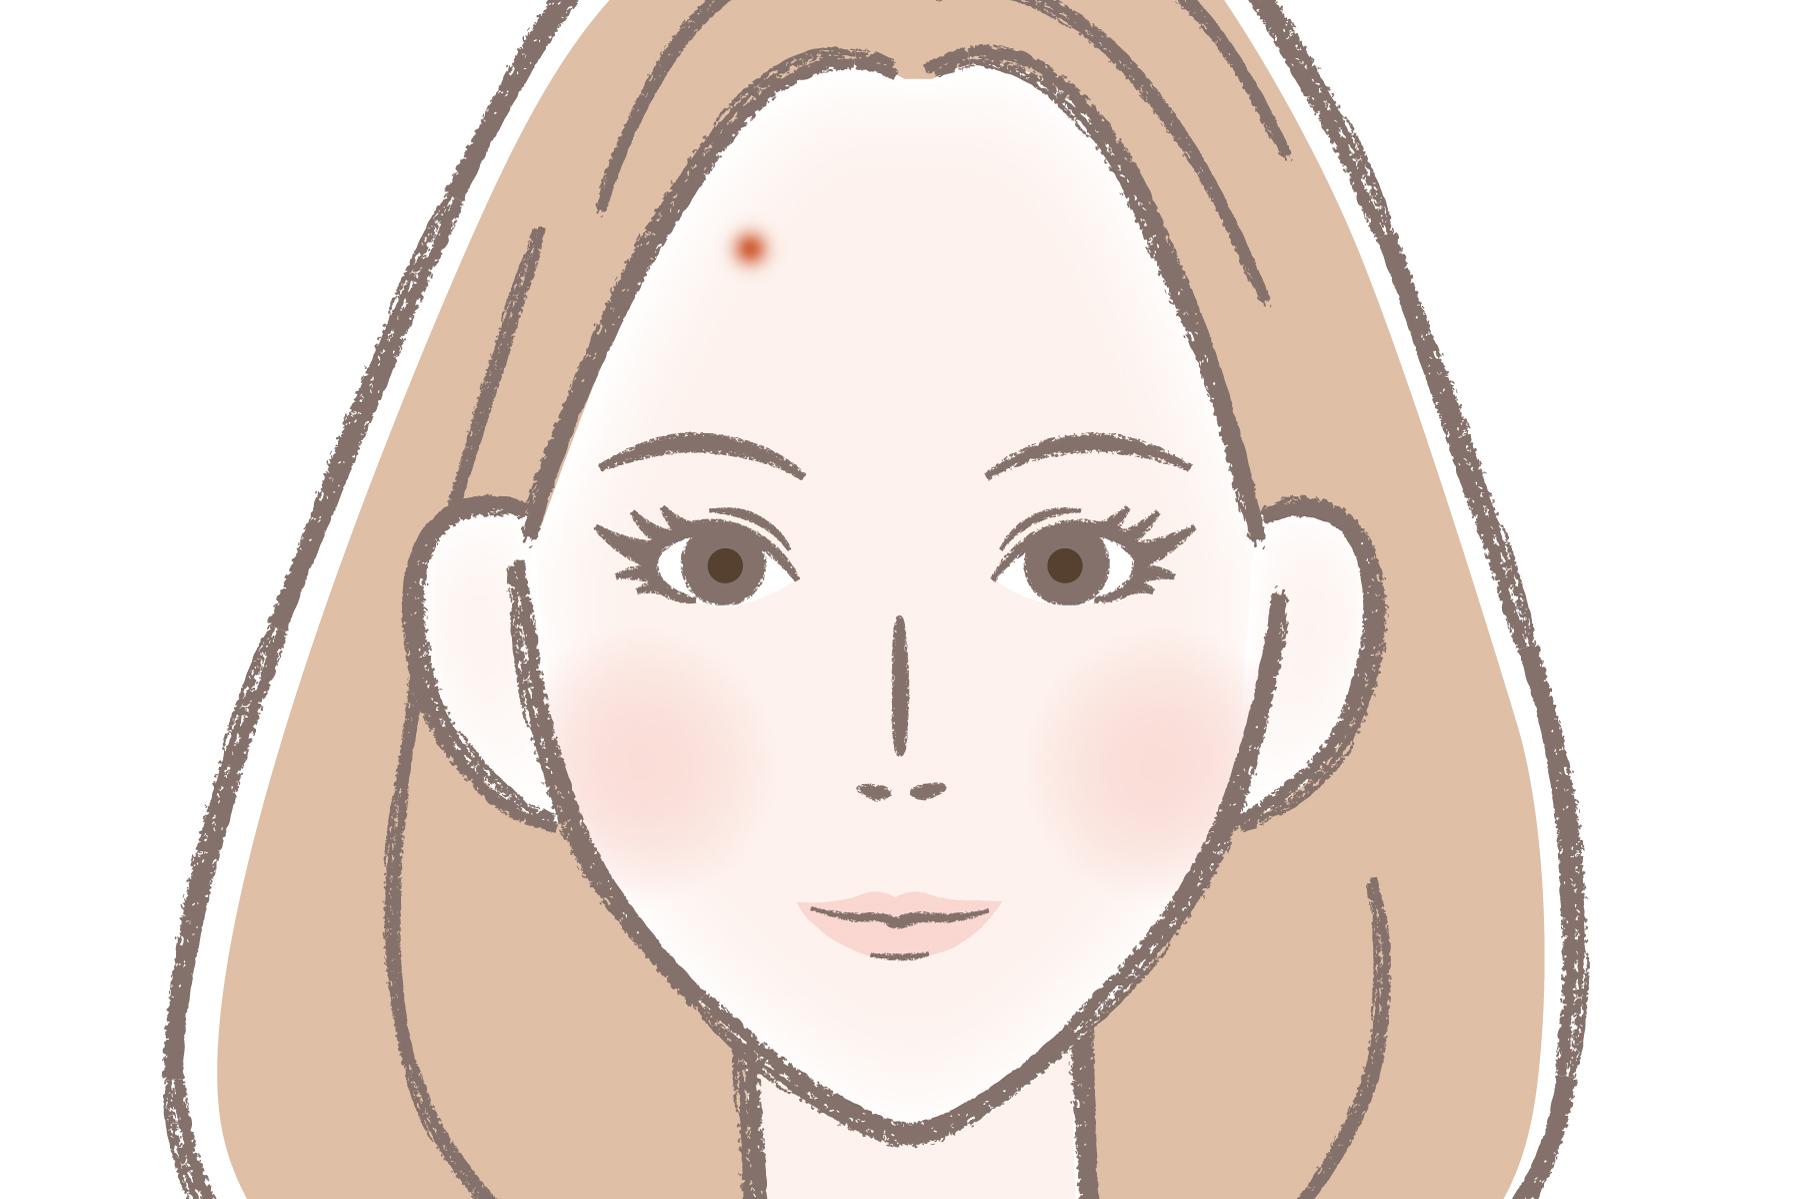 ニキビ 意味 の 眉間 鼻の下ニキビのスピリチュアル的意味は?眉間・左頬・眉毛の中の場合は?